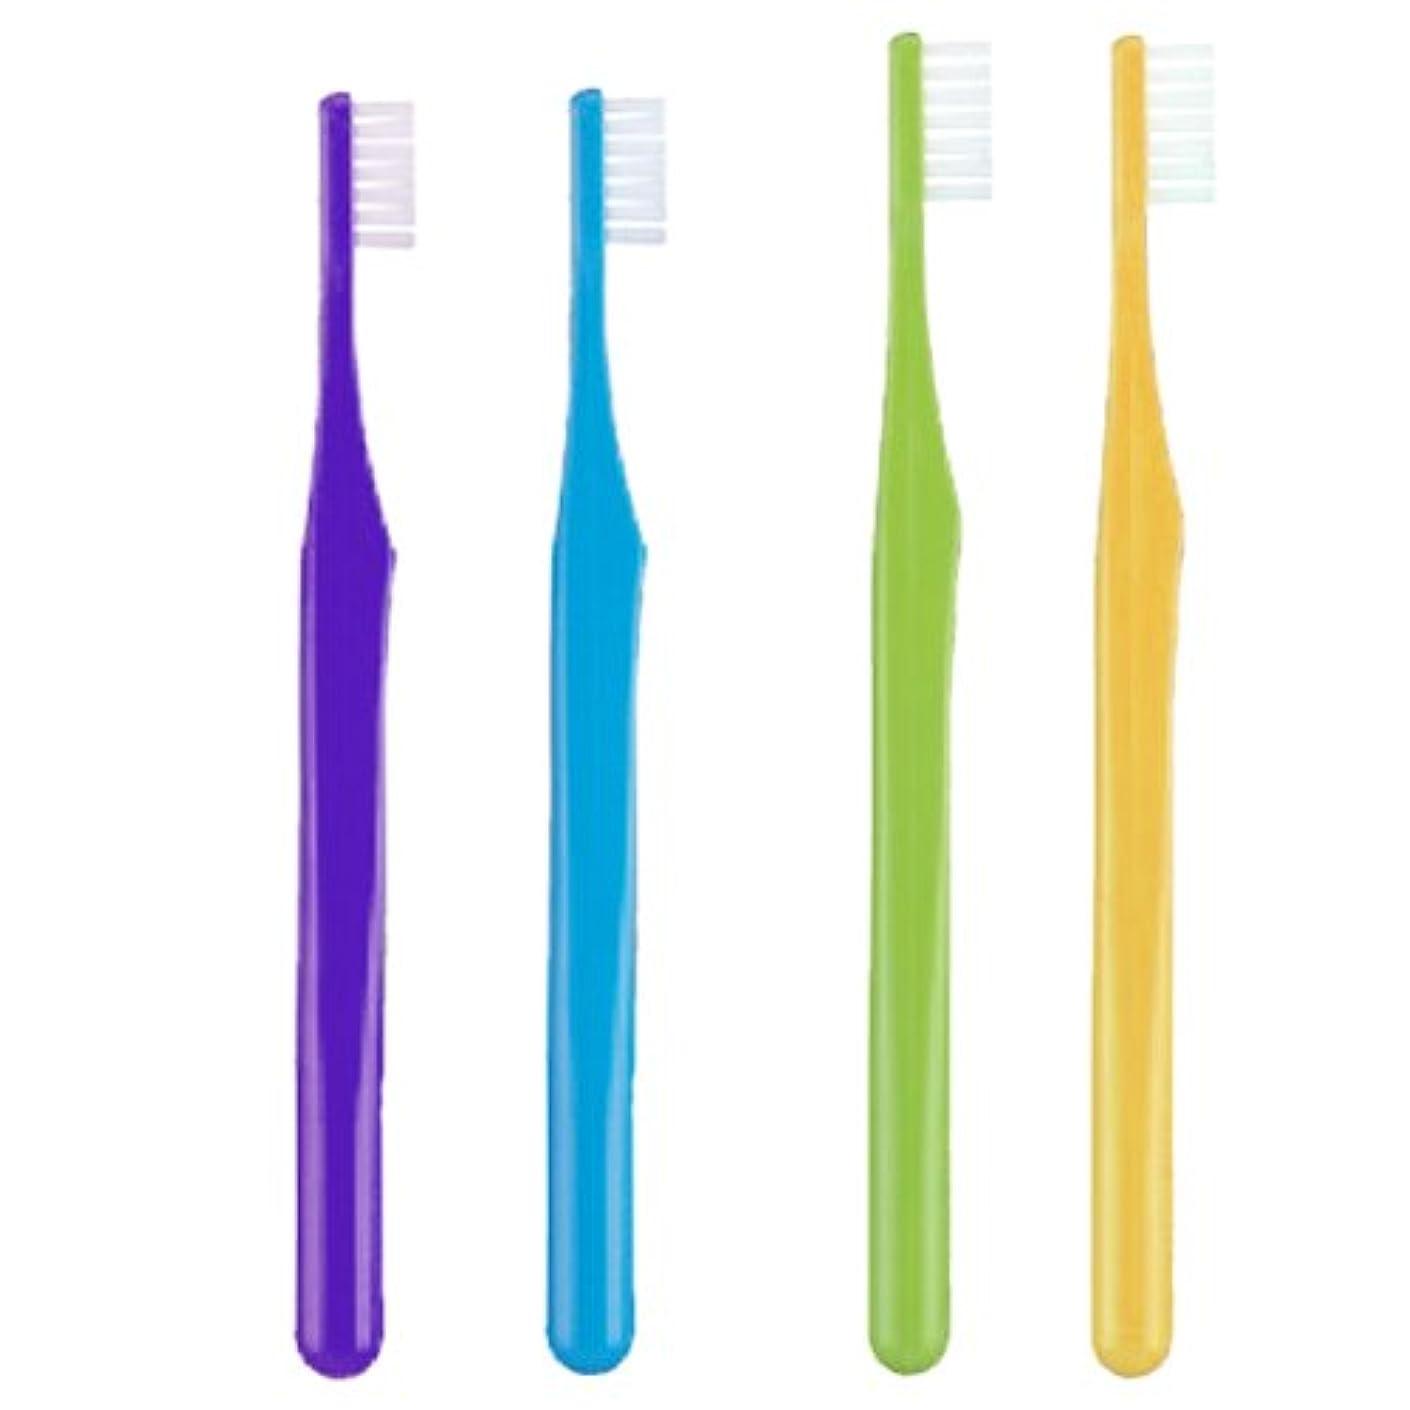 ベイビー規範脆いプロスペックプラス歯ブラシ1本タイニー/スモール (タイニー)